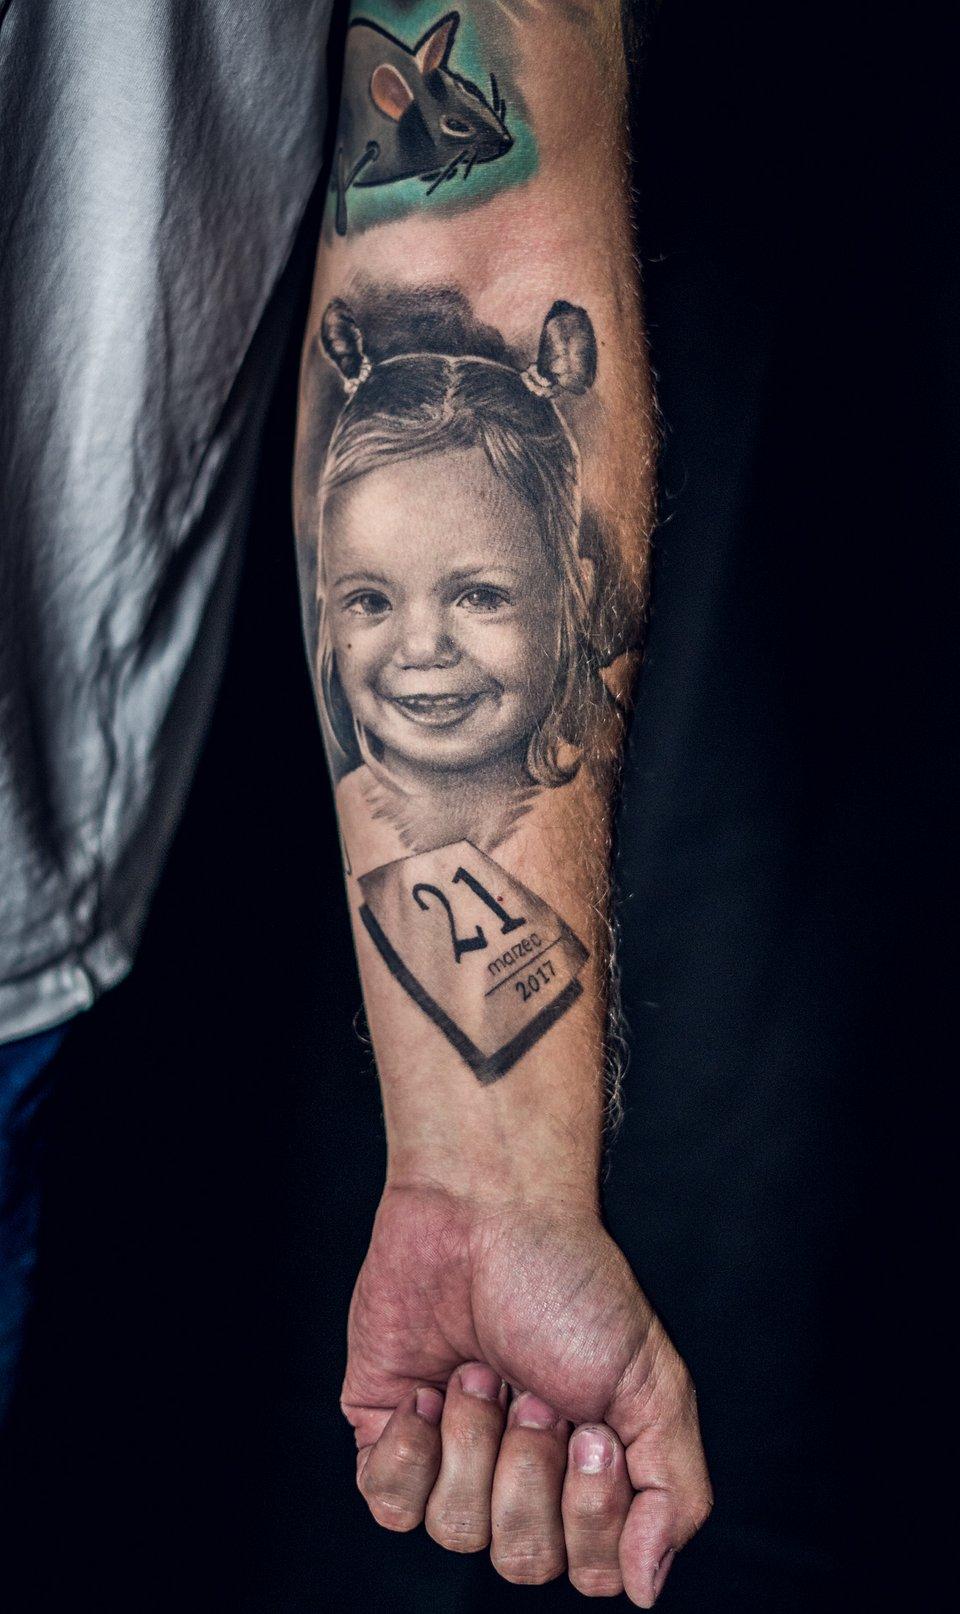 3MIEJSCE_najlepszy_tatuaz_realistyczny_portret_artysta_KUBA_studio_INKOGNITO.jpg